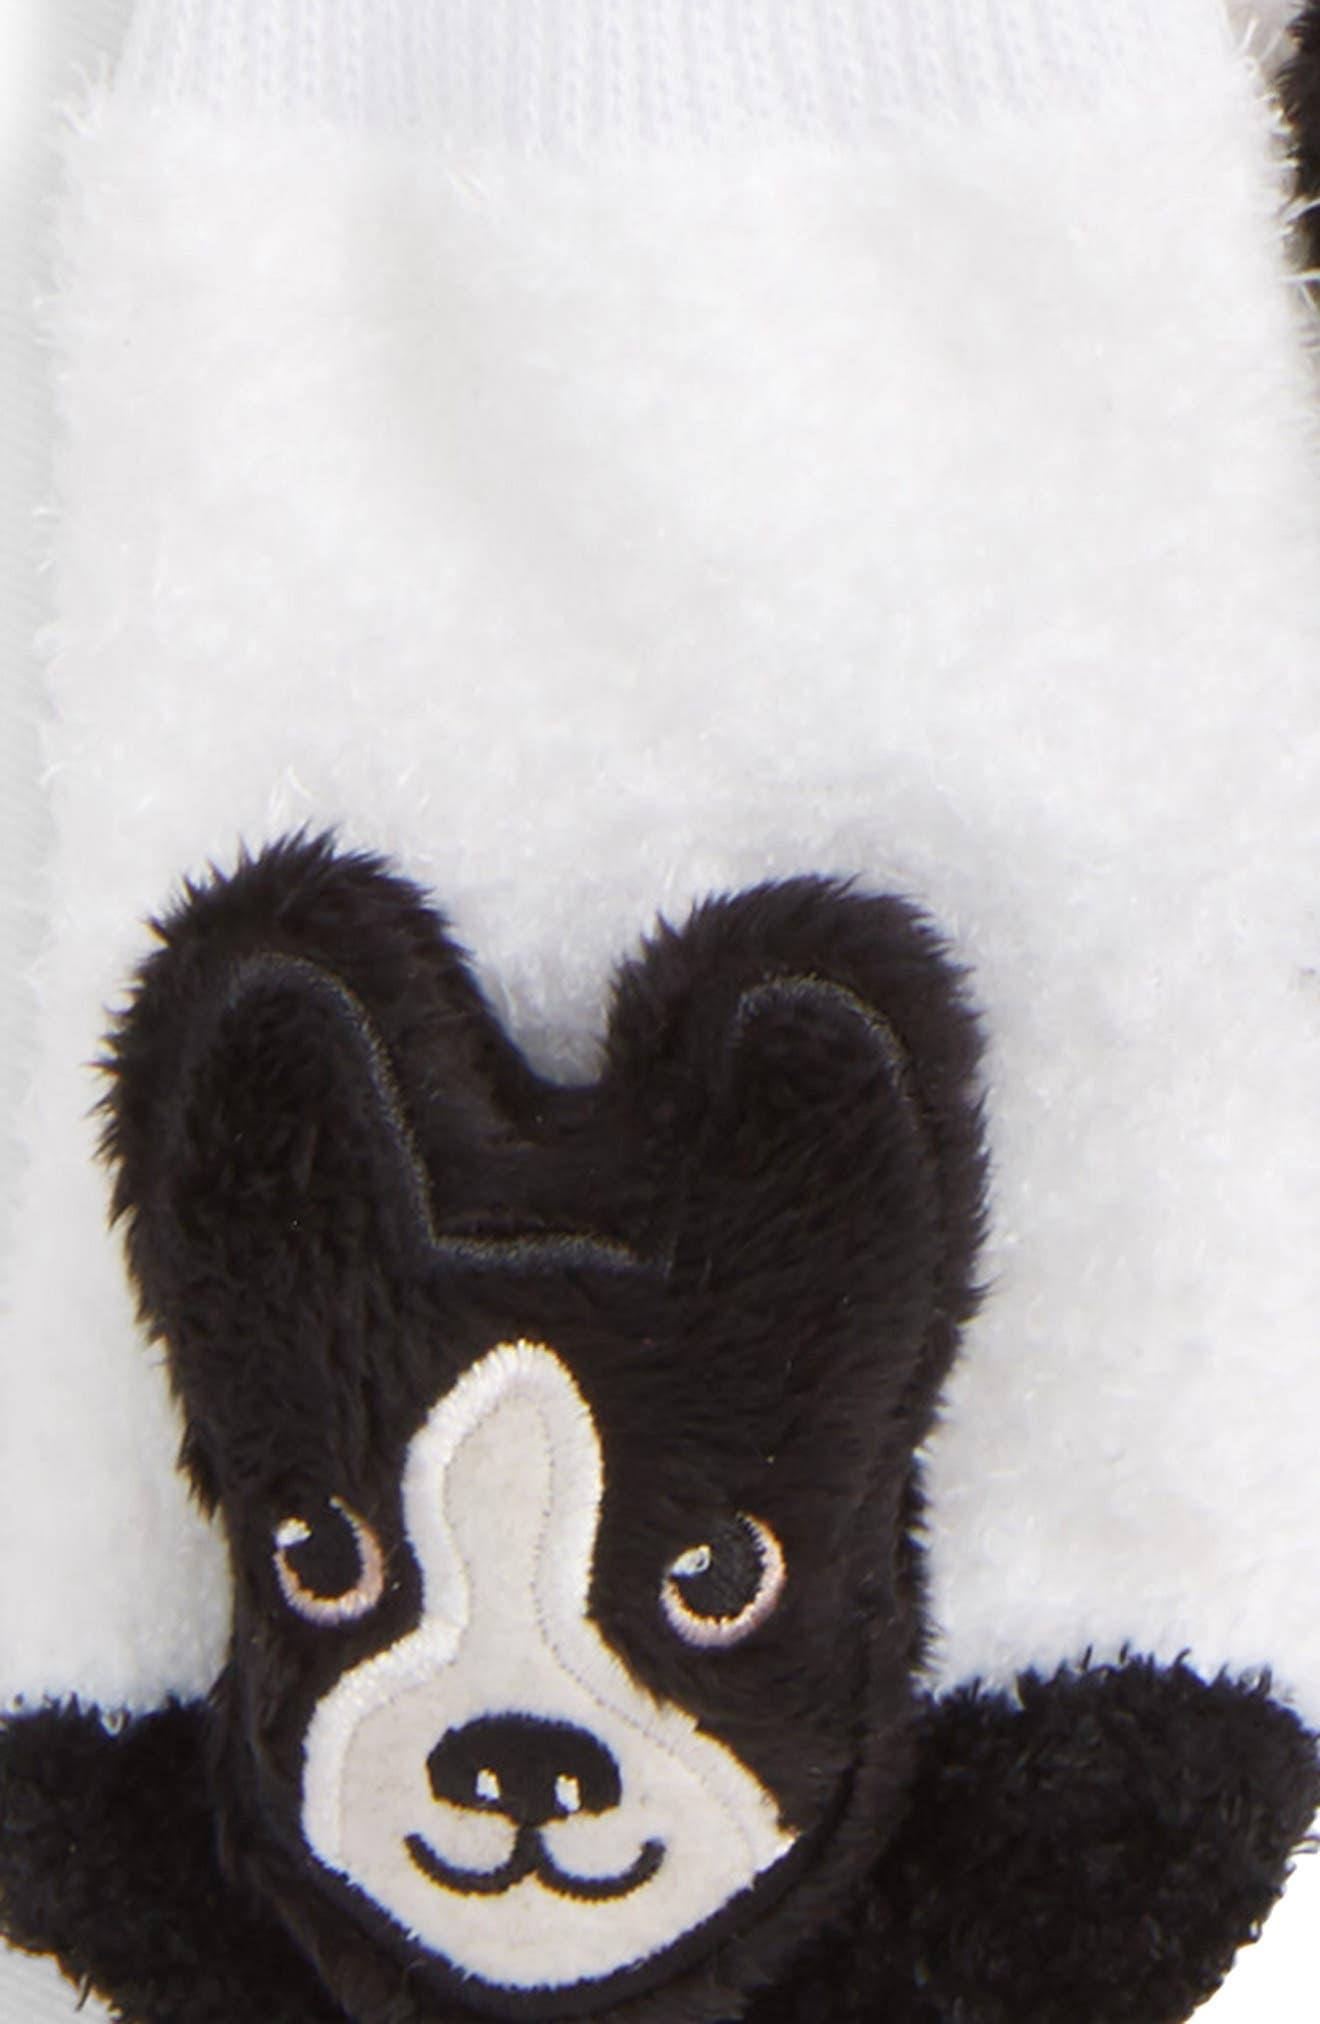 2-Pack Boston Terrier Rattle Socks,                             Alternate thumbnail 2, color,                             BLACK/ WHITE